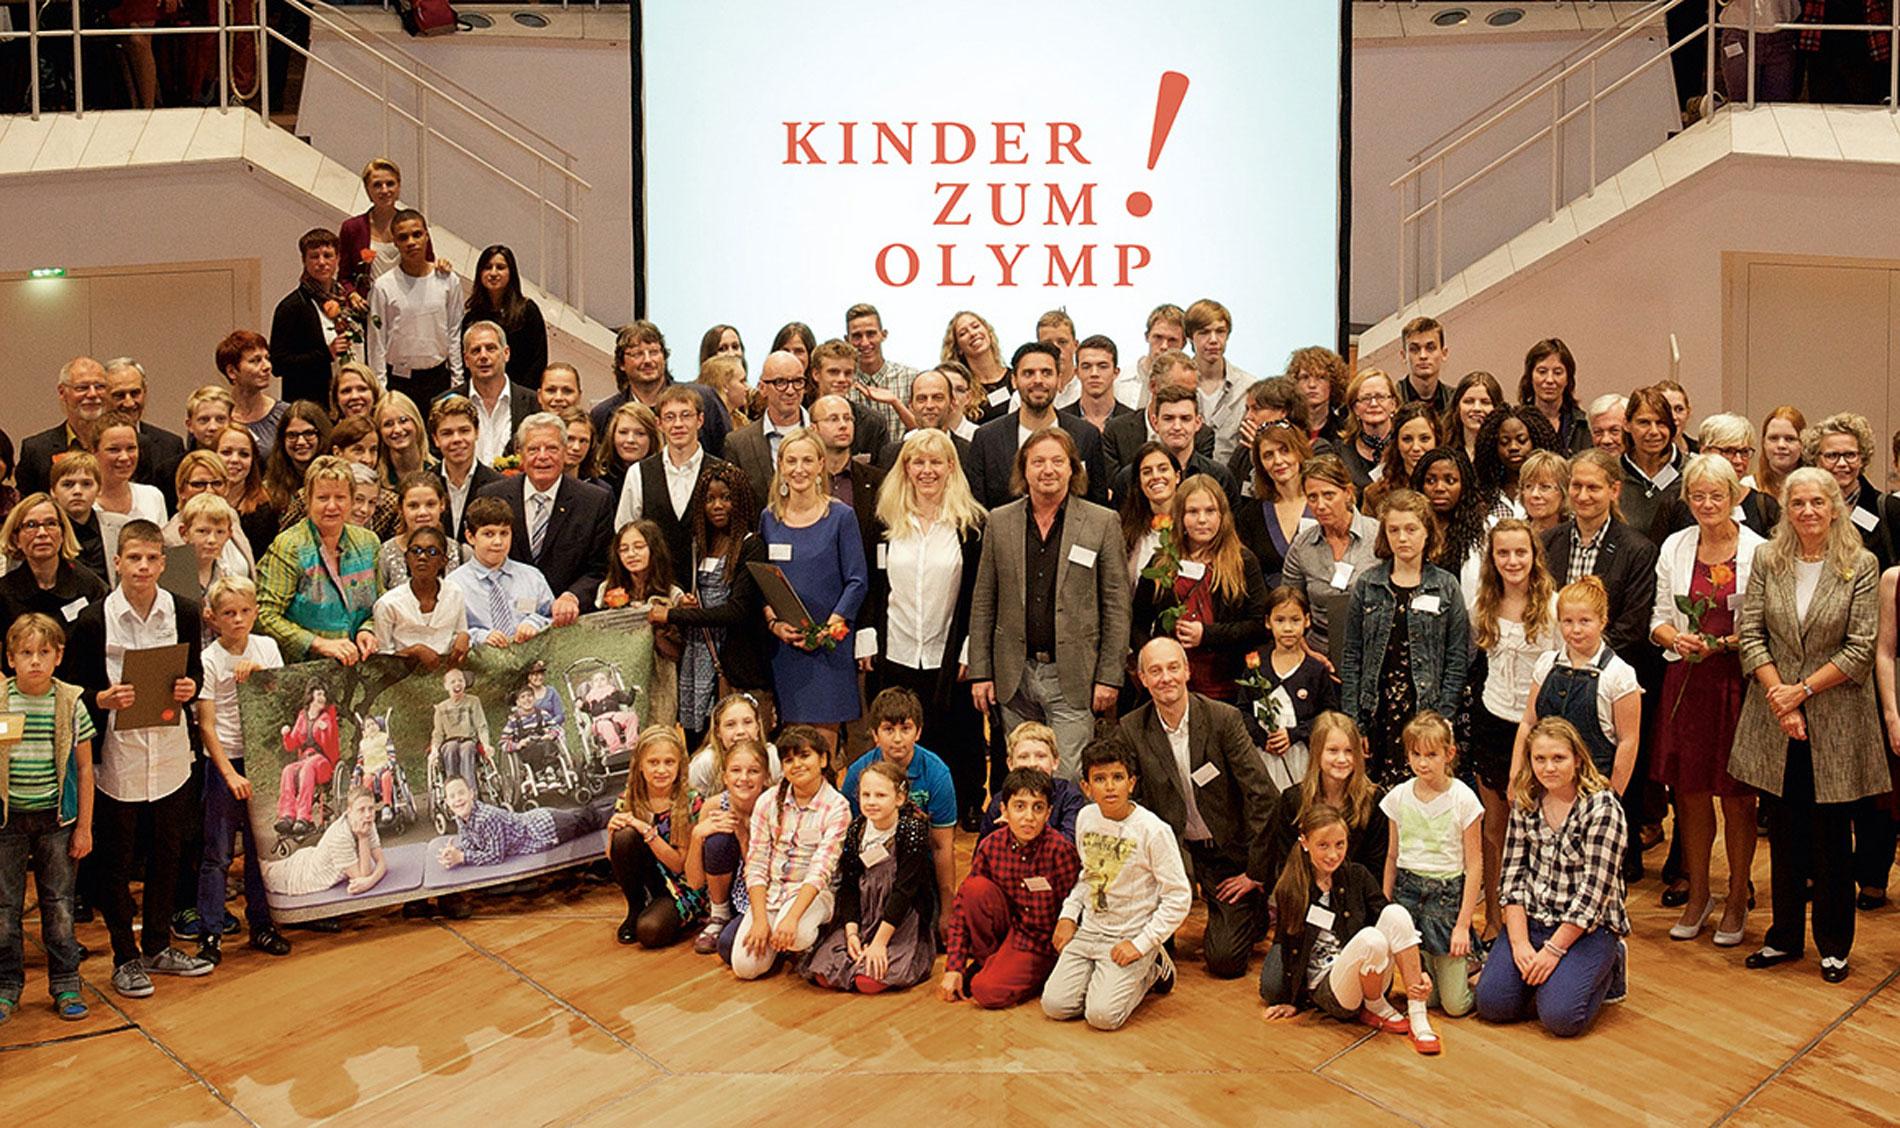 Die Preisträger des diesjährigen Wettbewerbs mit Bundespräsident Joachim Gauck auf der Preisverleihung von Kinder zum Olymp! © Kinder zum Olymp!/Foto: Stefan Gloede